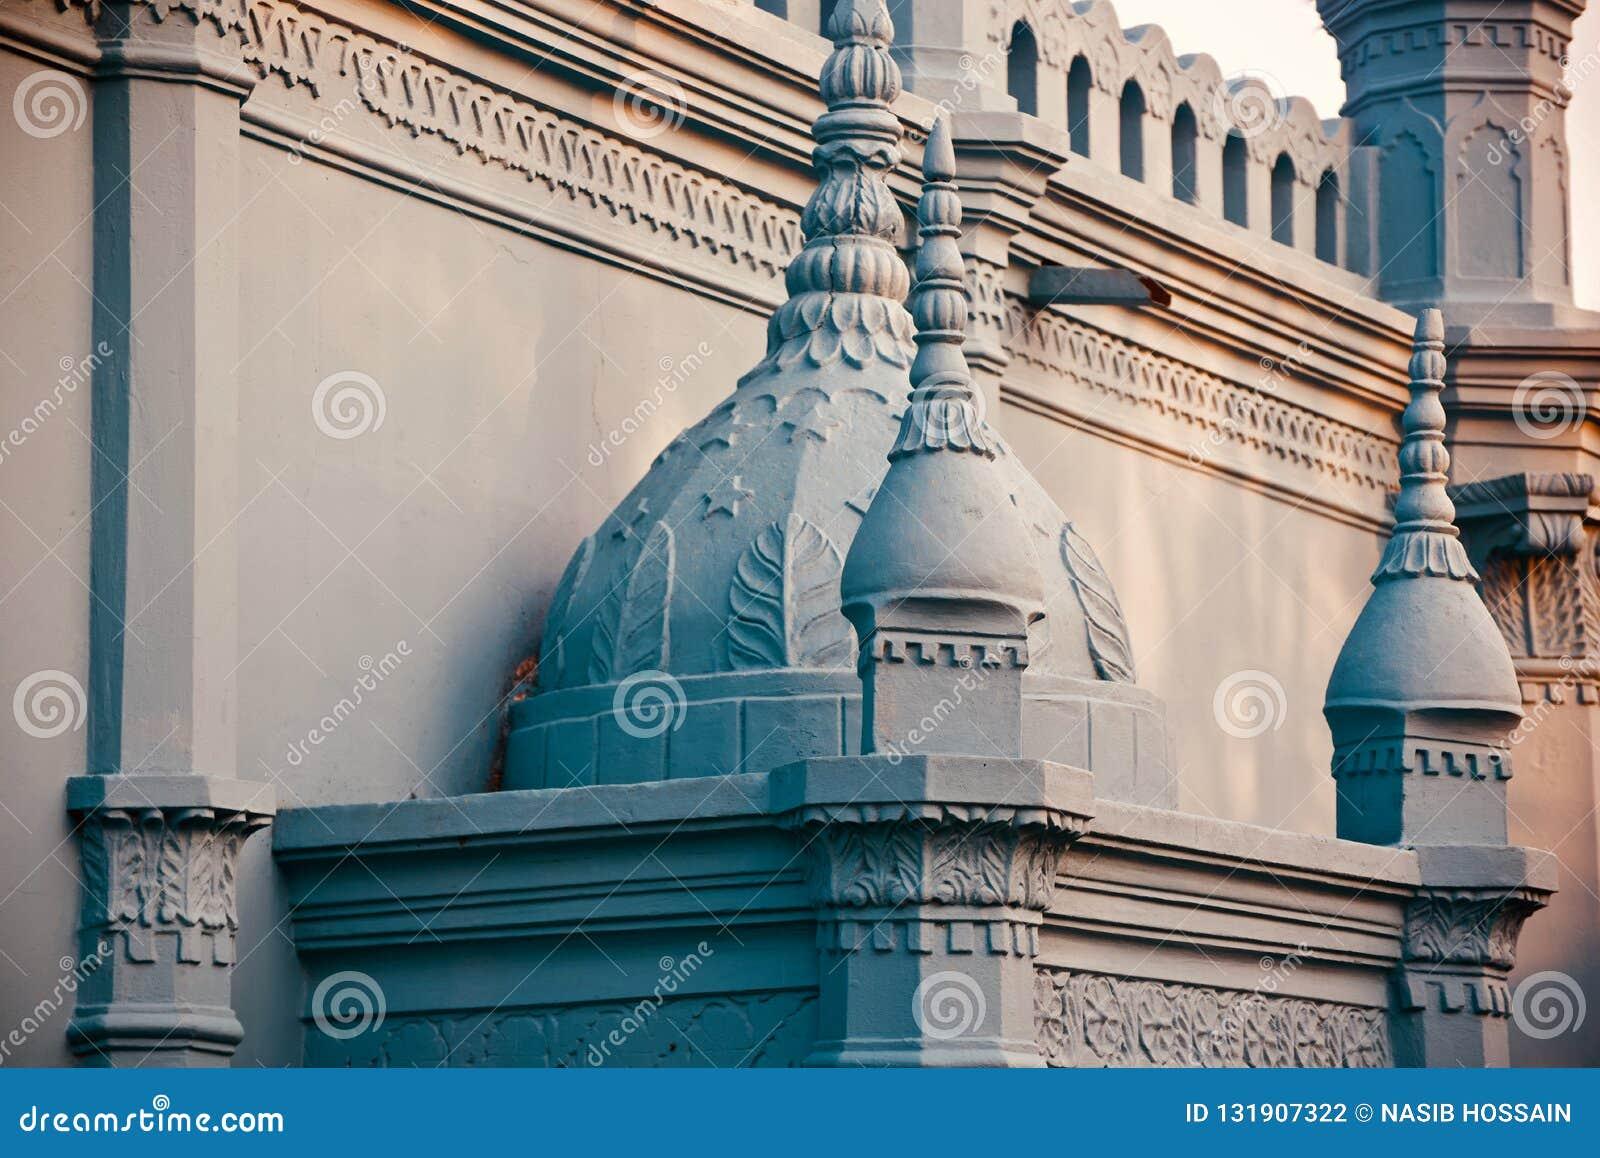 A modern architectural mosque building unique photo